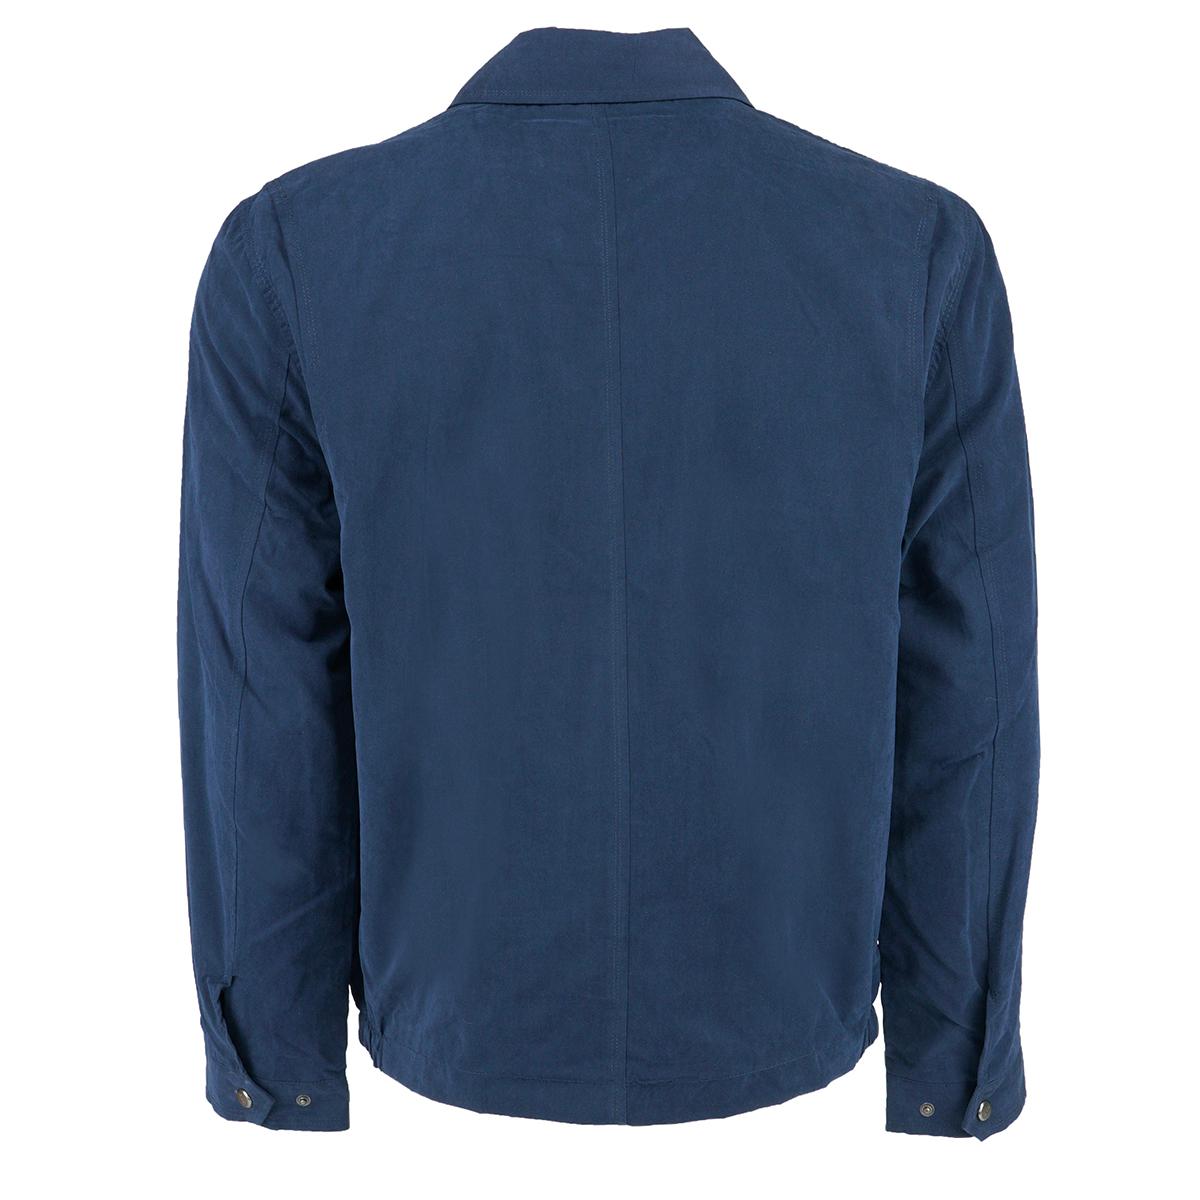 IZOD-Men-039-s-Microfiber-Golf-Jacket thumbnail 15